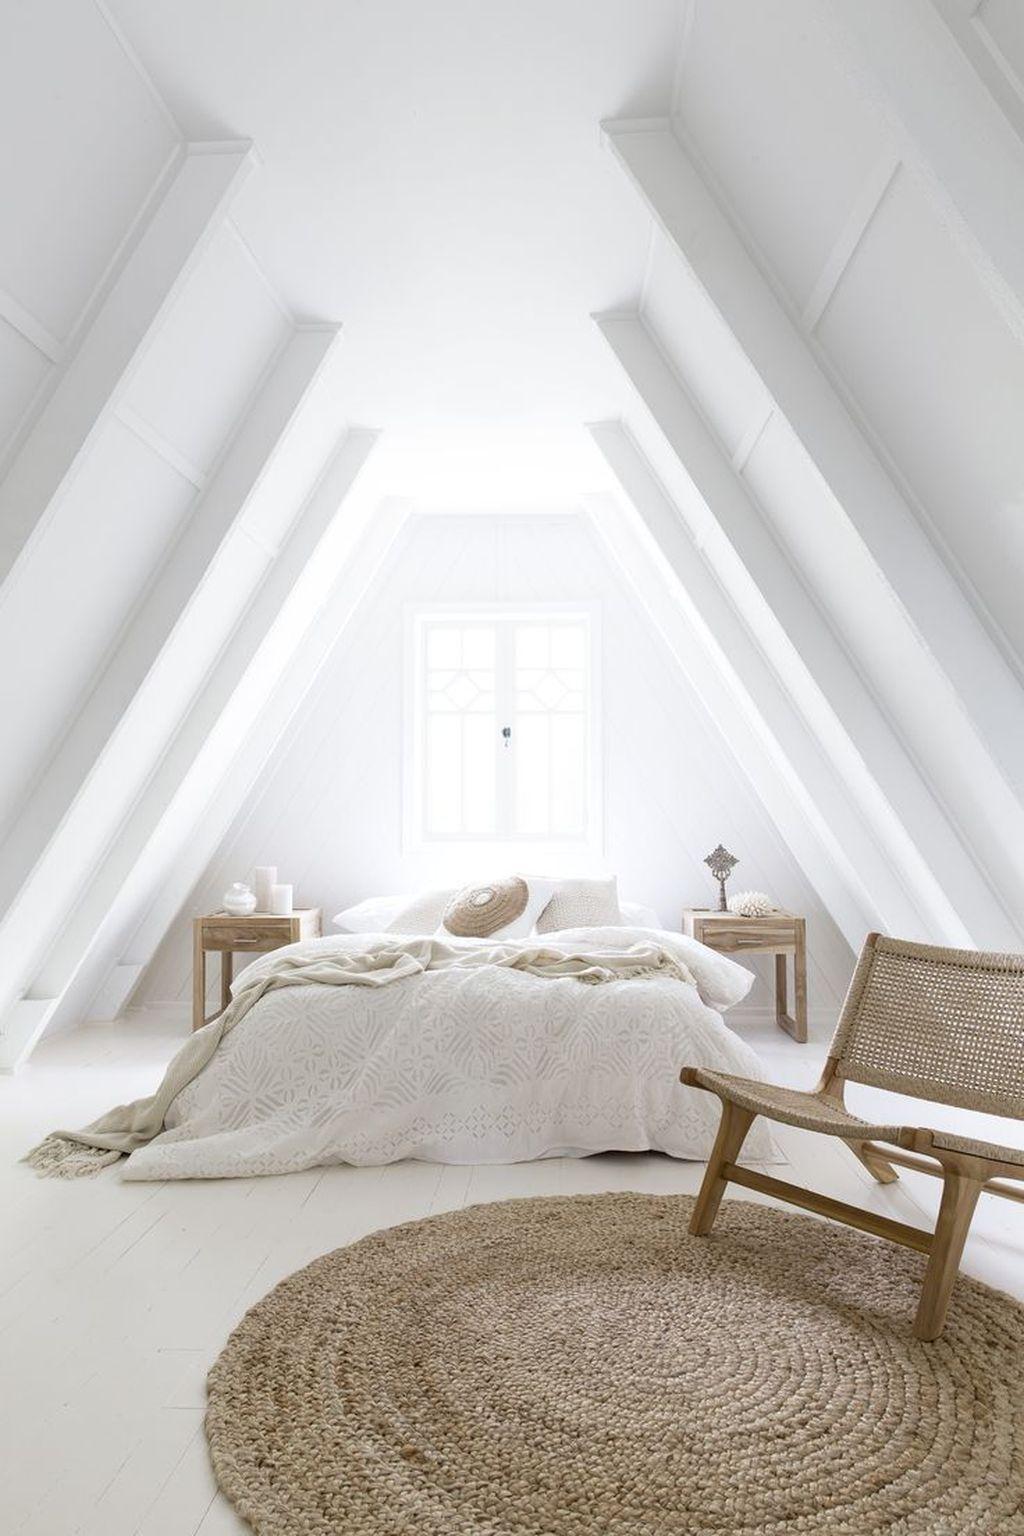 Loft bedroom design ideas   Stunning Loft Style Bedroom Design Ideas  Loft style bedroom